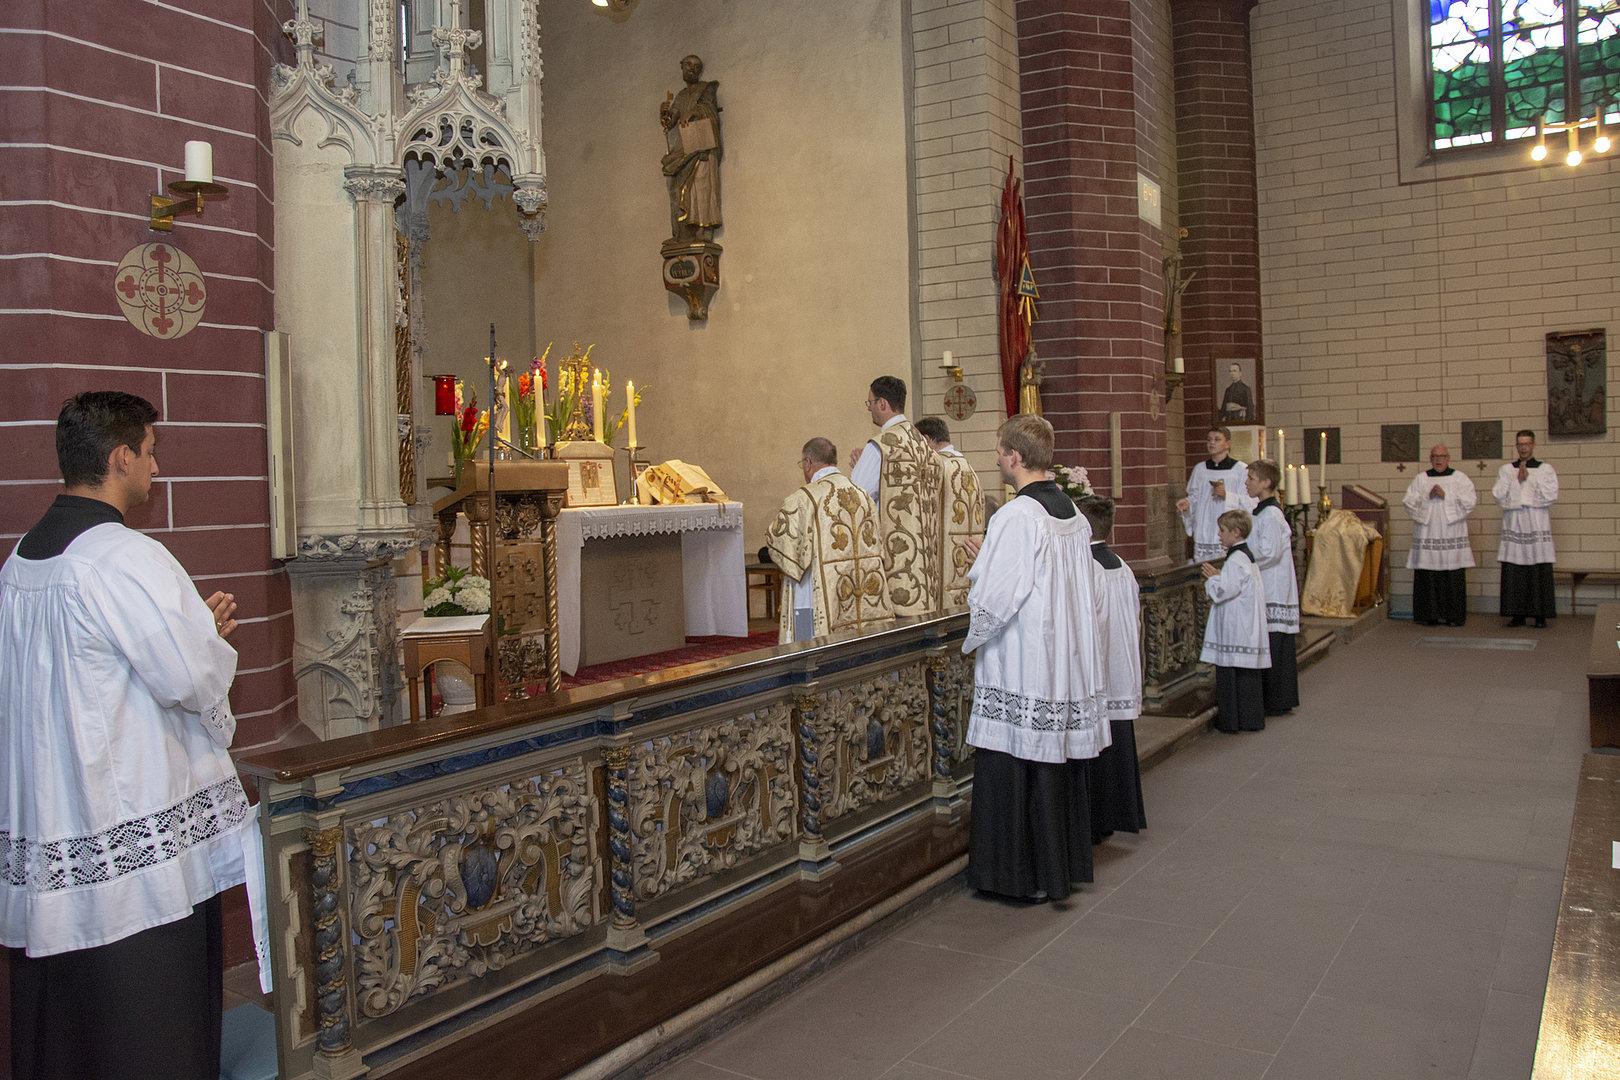 Missa Tridentina in Paderborn